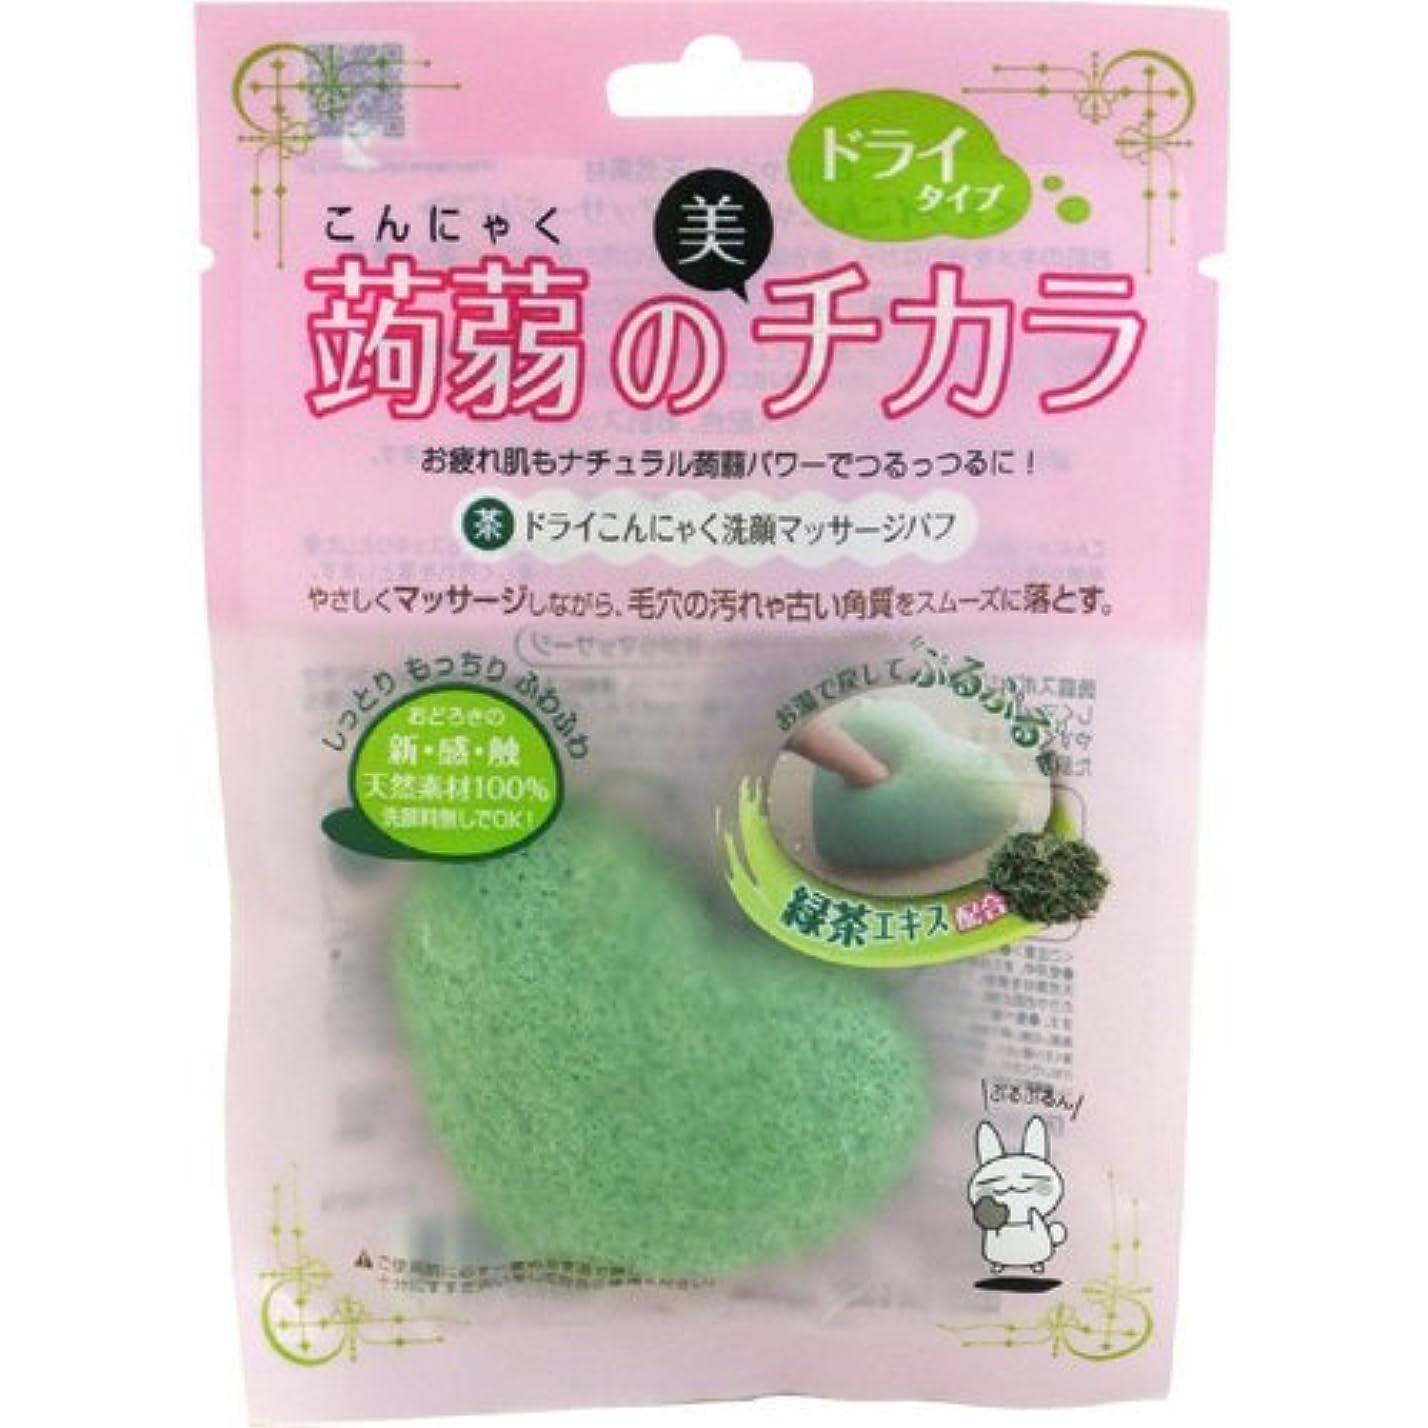 位置づけるお手入れカルシウムドライ蒟蒻センガンマッサージパフ 緑茶